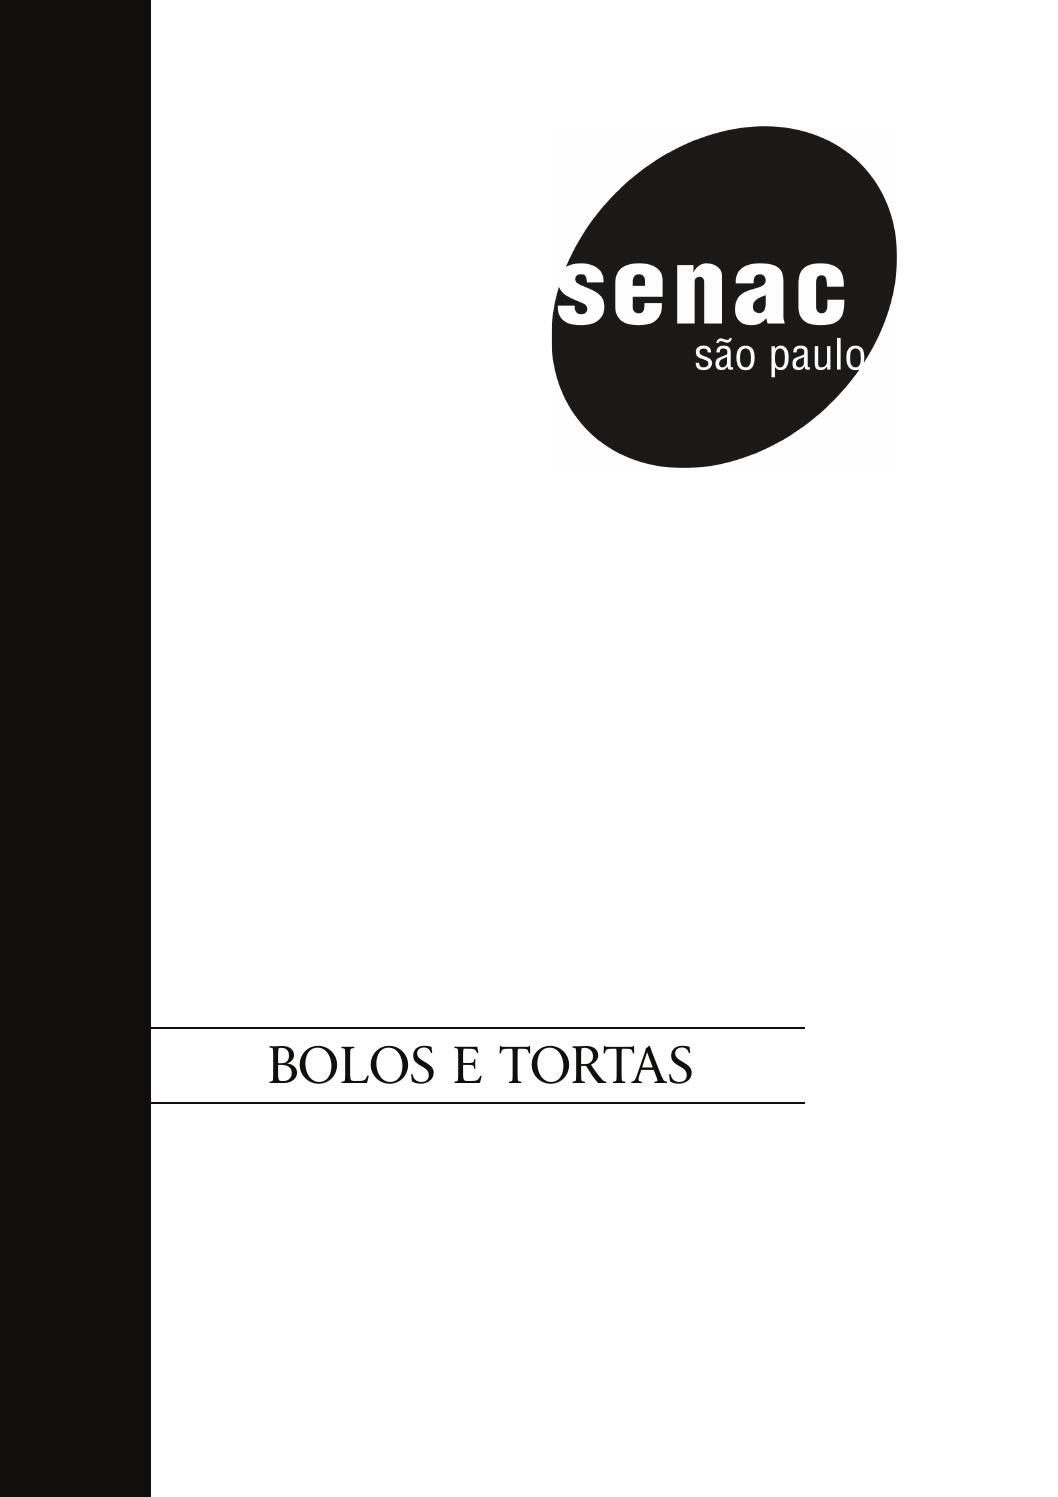 Apostila Bolos e Tortas (SENAC São Paulo) in 2020